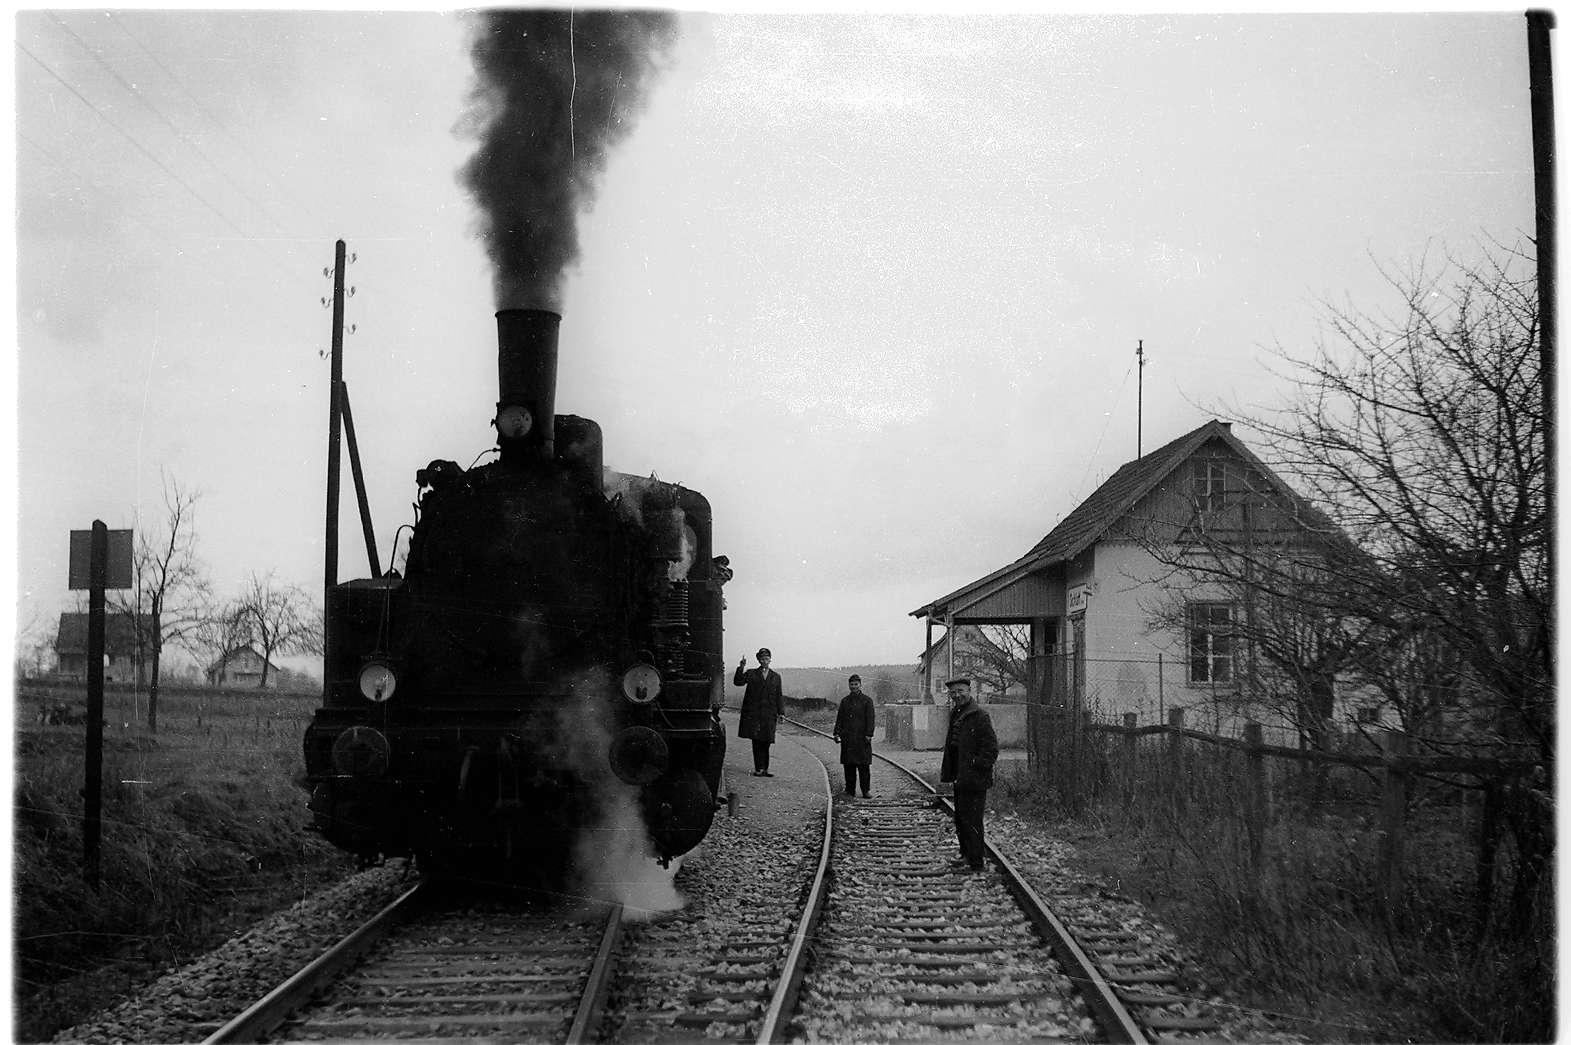 Bahnhof Schlatt, Zugführer Illguth, Bremser Georg Schmid (1929 - 2002), Bahnagent Glamser (gestorben 1995), Bahnhofsgebäude 1901 - 1976, Bild 1